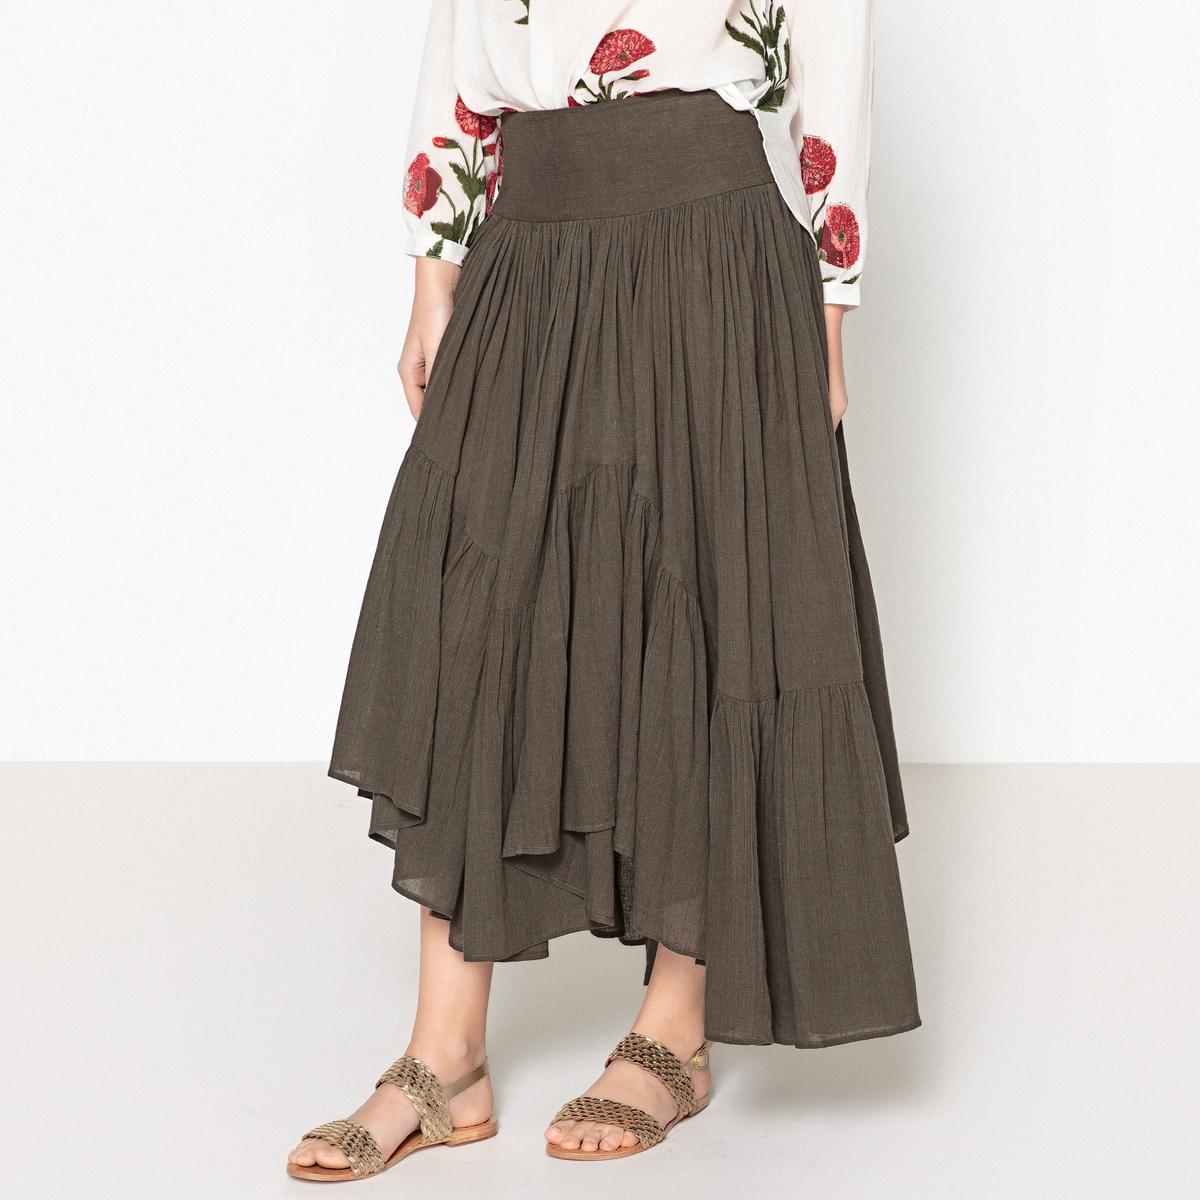 Юбка удлиненная FRIDAОписание:Удлиненная юбка от LAURENCE BRAS - модель FRIDA. Женственная модель: удлиненная и расклешенная.Детали •  Форма: расклешенная. •  Длина миди, 3/4. Состав и уход •  100% хлопок. •  Следуйте советам по уходу, указанным на этикетке.<br><br>Цвет: хаки